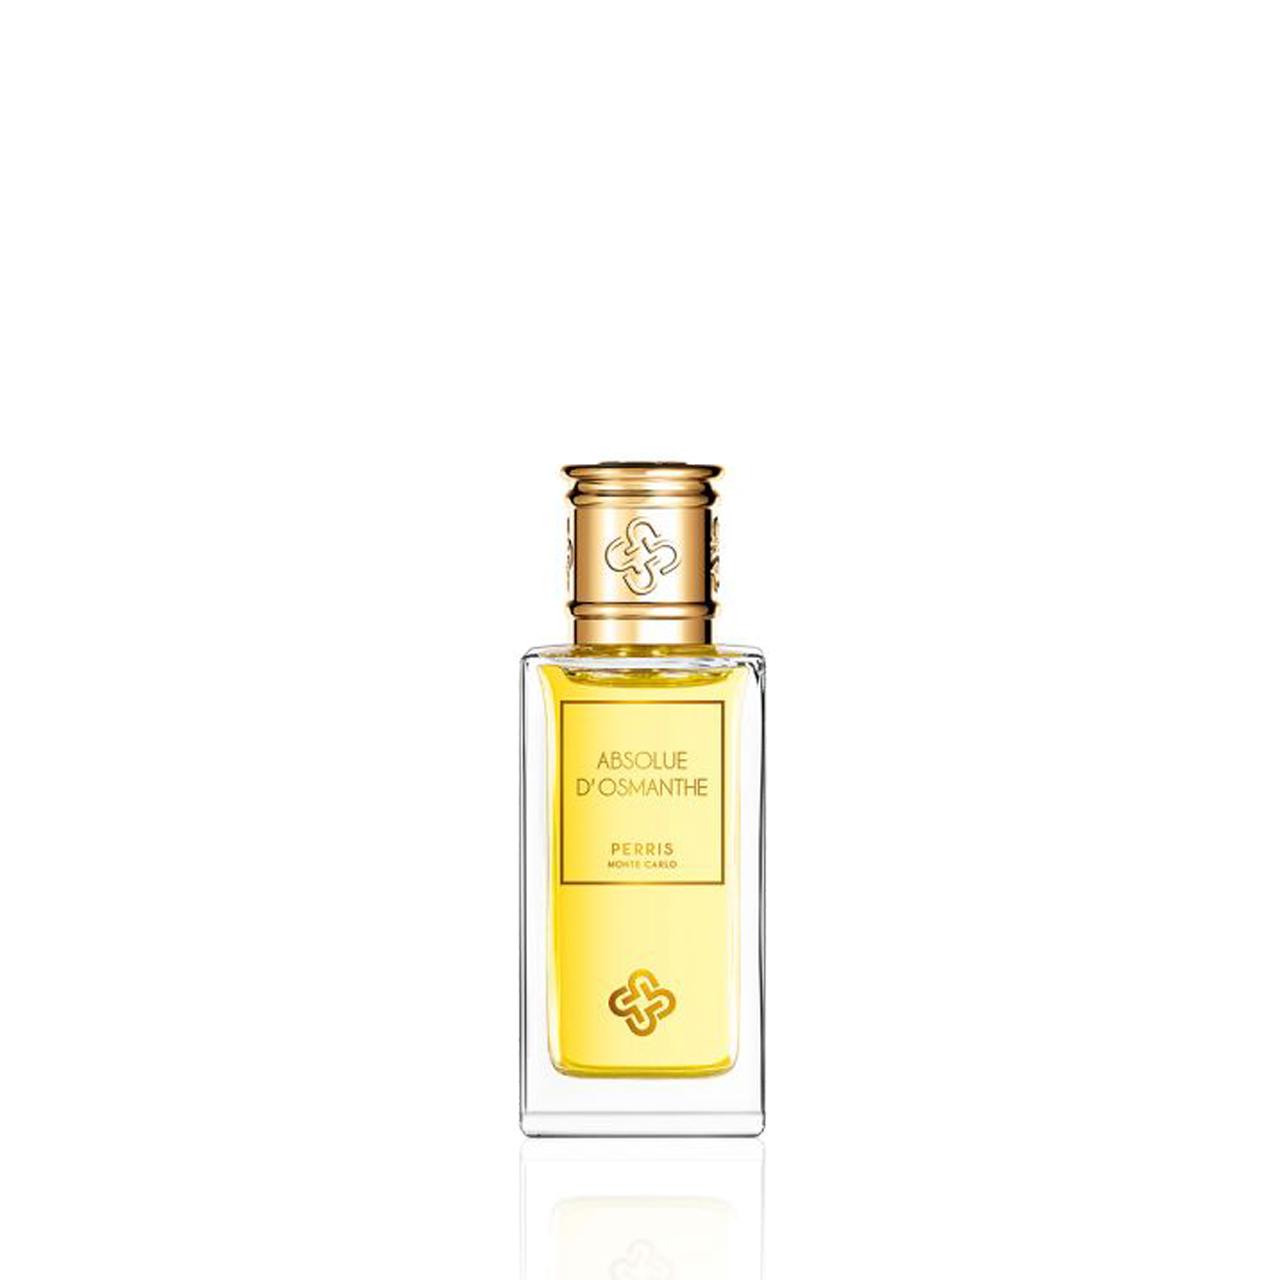 Absolue D'Osmanthe - Extrait de Parfum